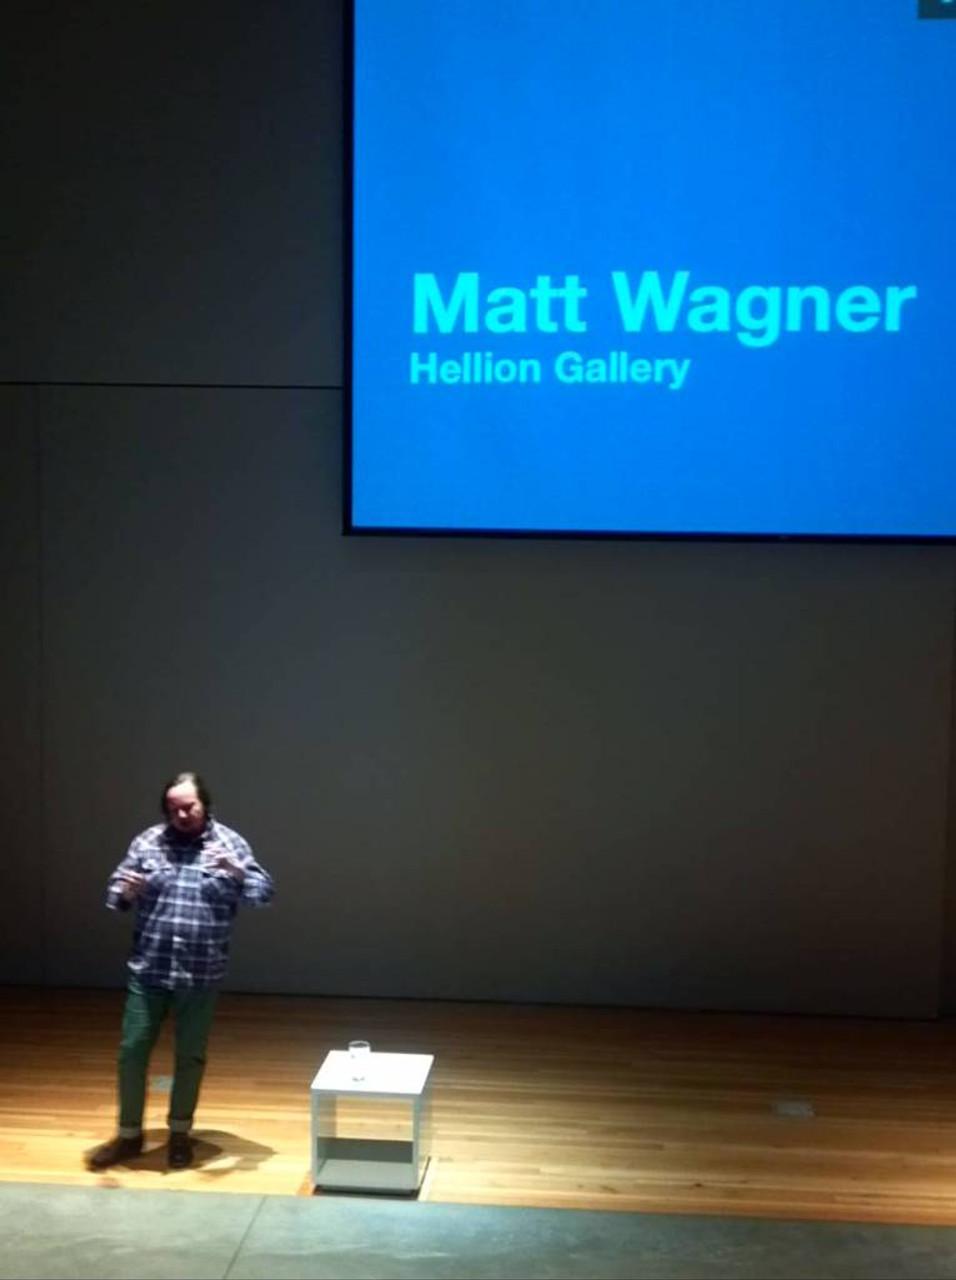 Spent Friday morning at Creative Mornings, where Matt Wagner